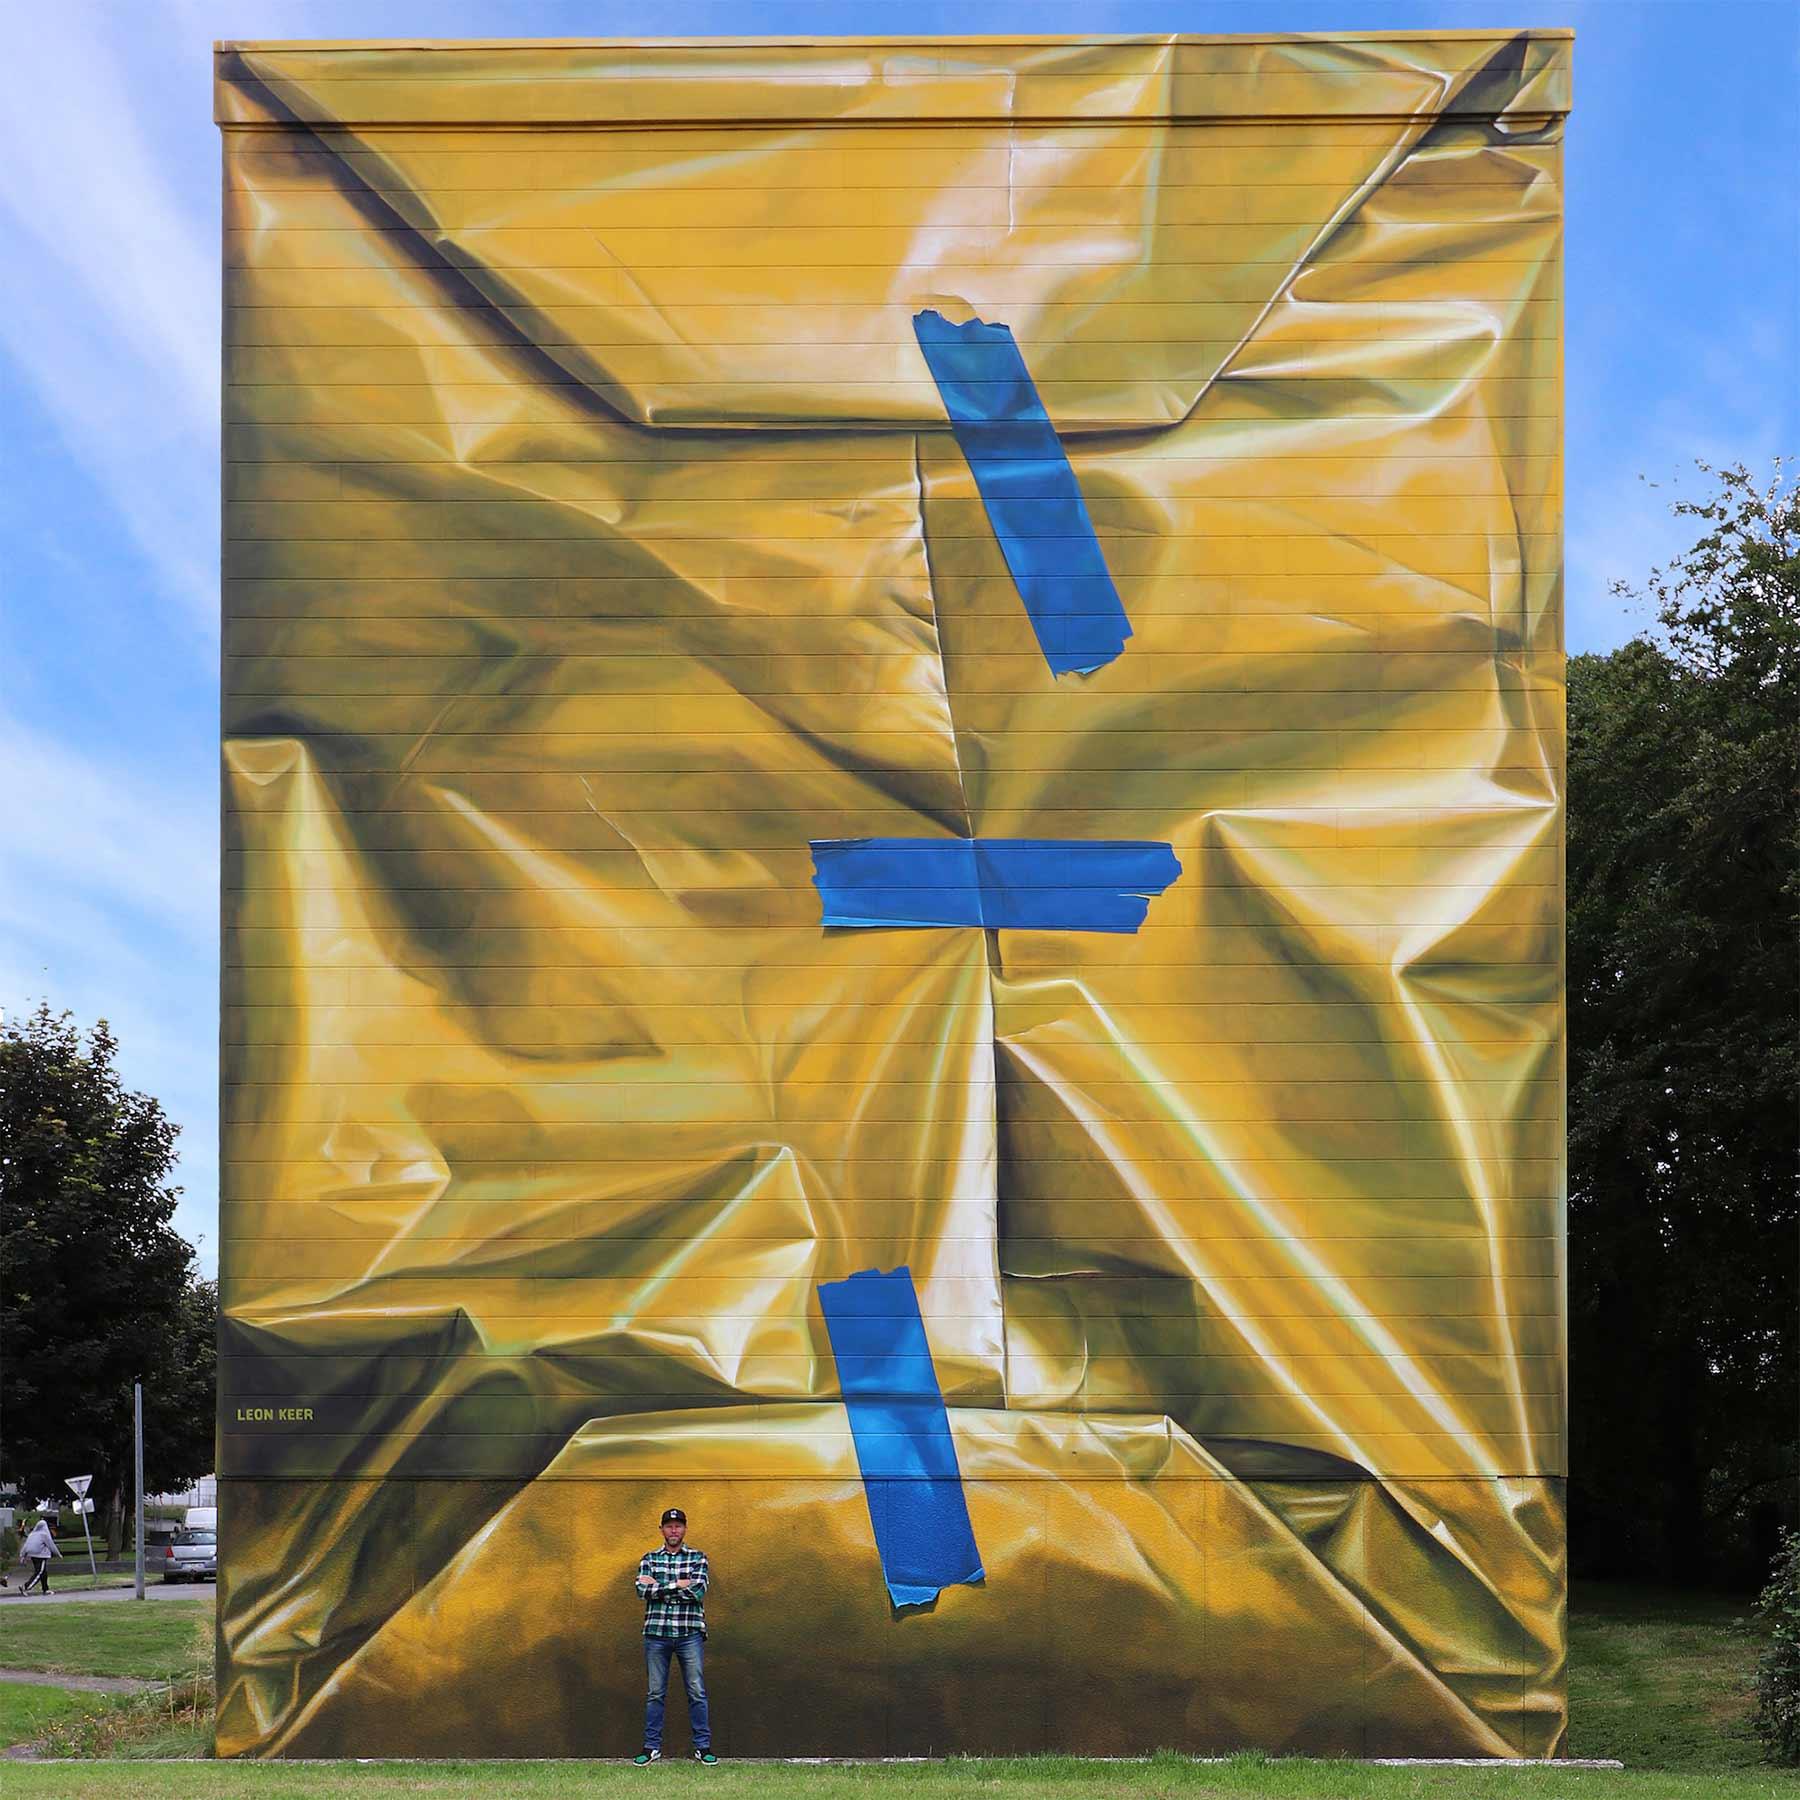 Street Artist Leon Keer packt ein Haus als Geschenk ein Leon-Keer-safe-house-geschenk-mural_02